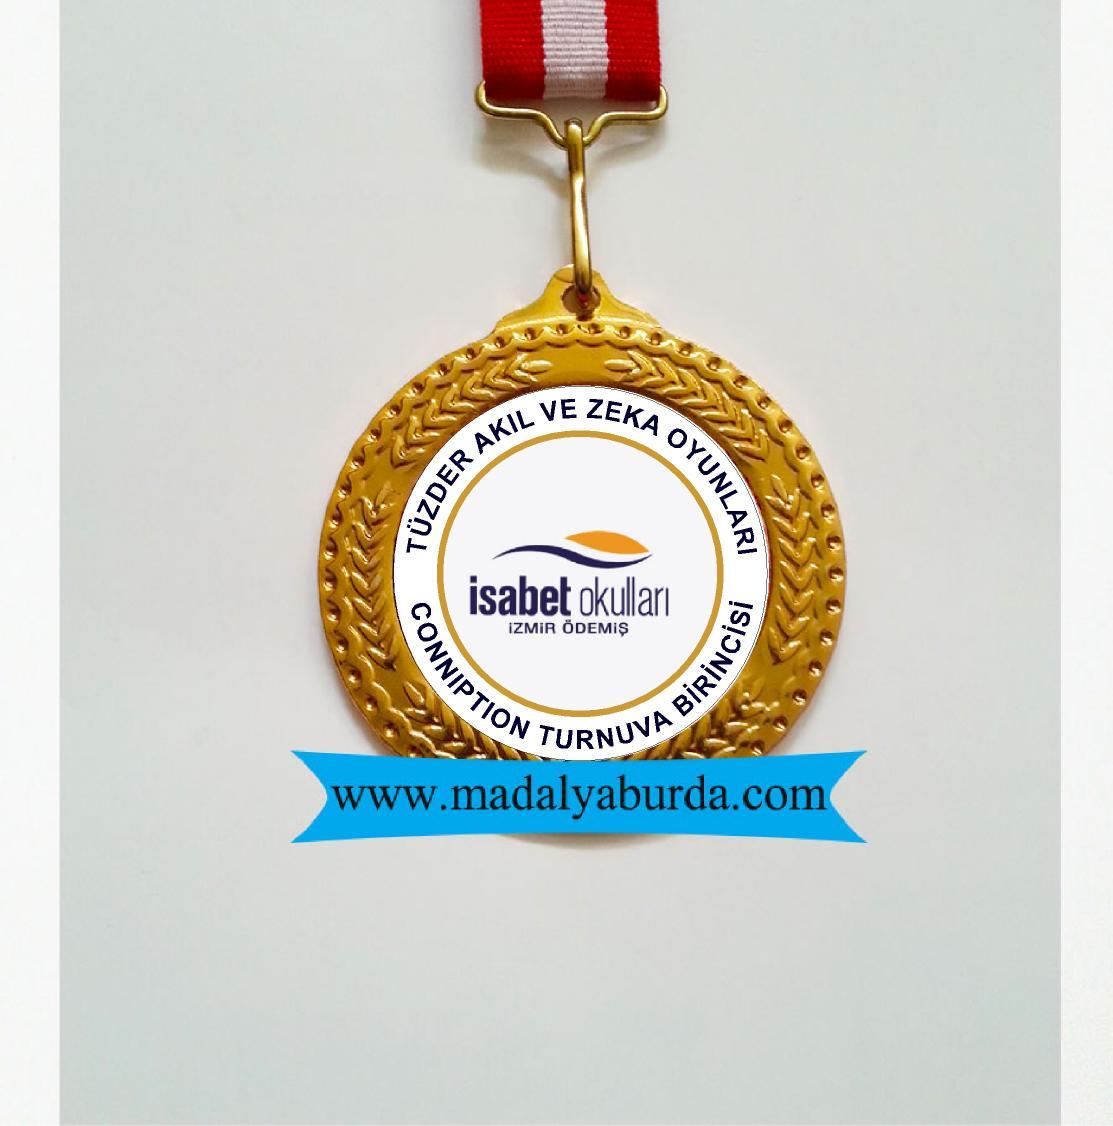 akıl oyunları madalyası